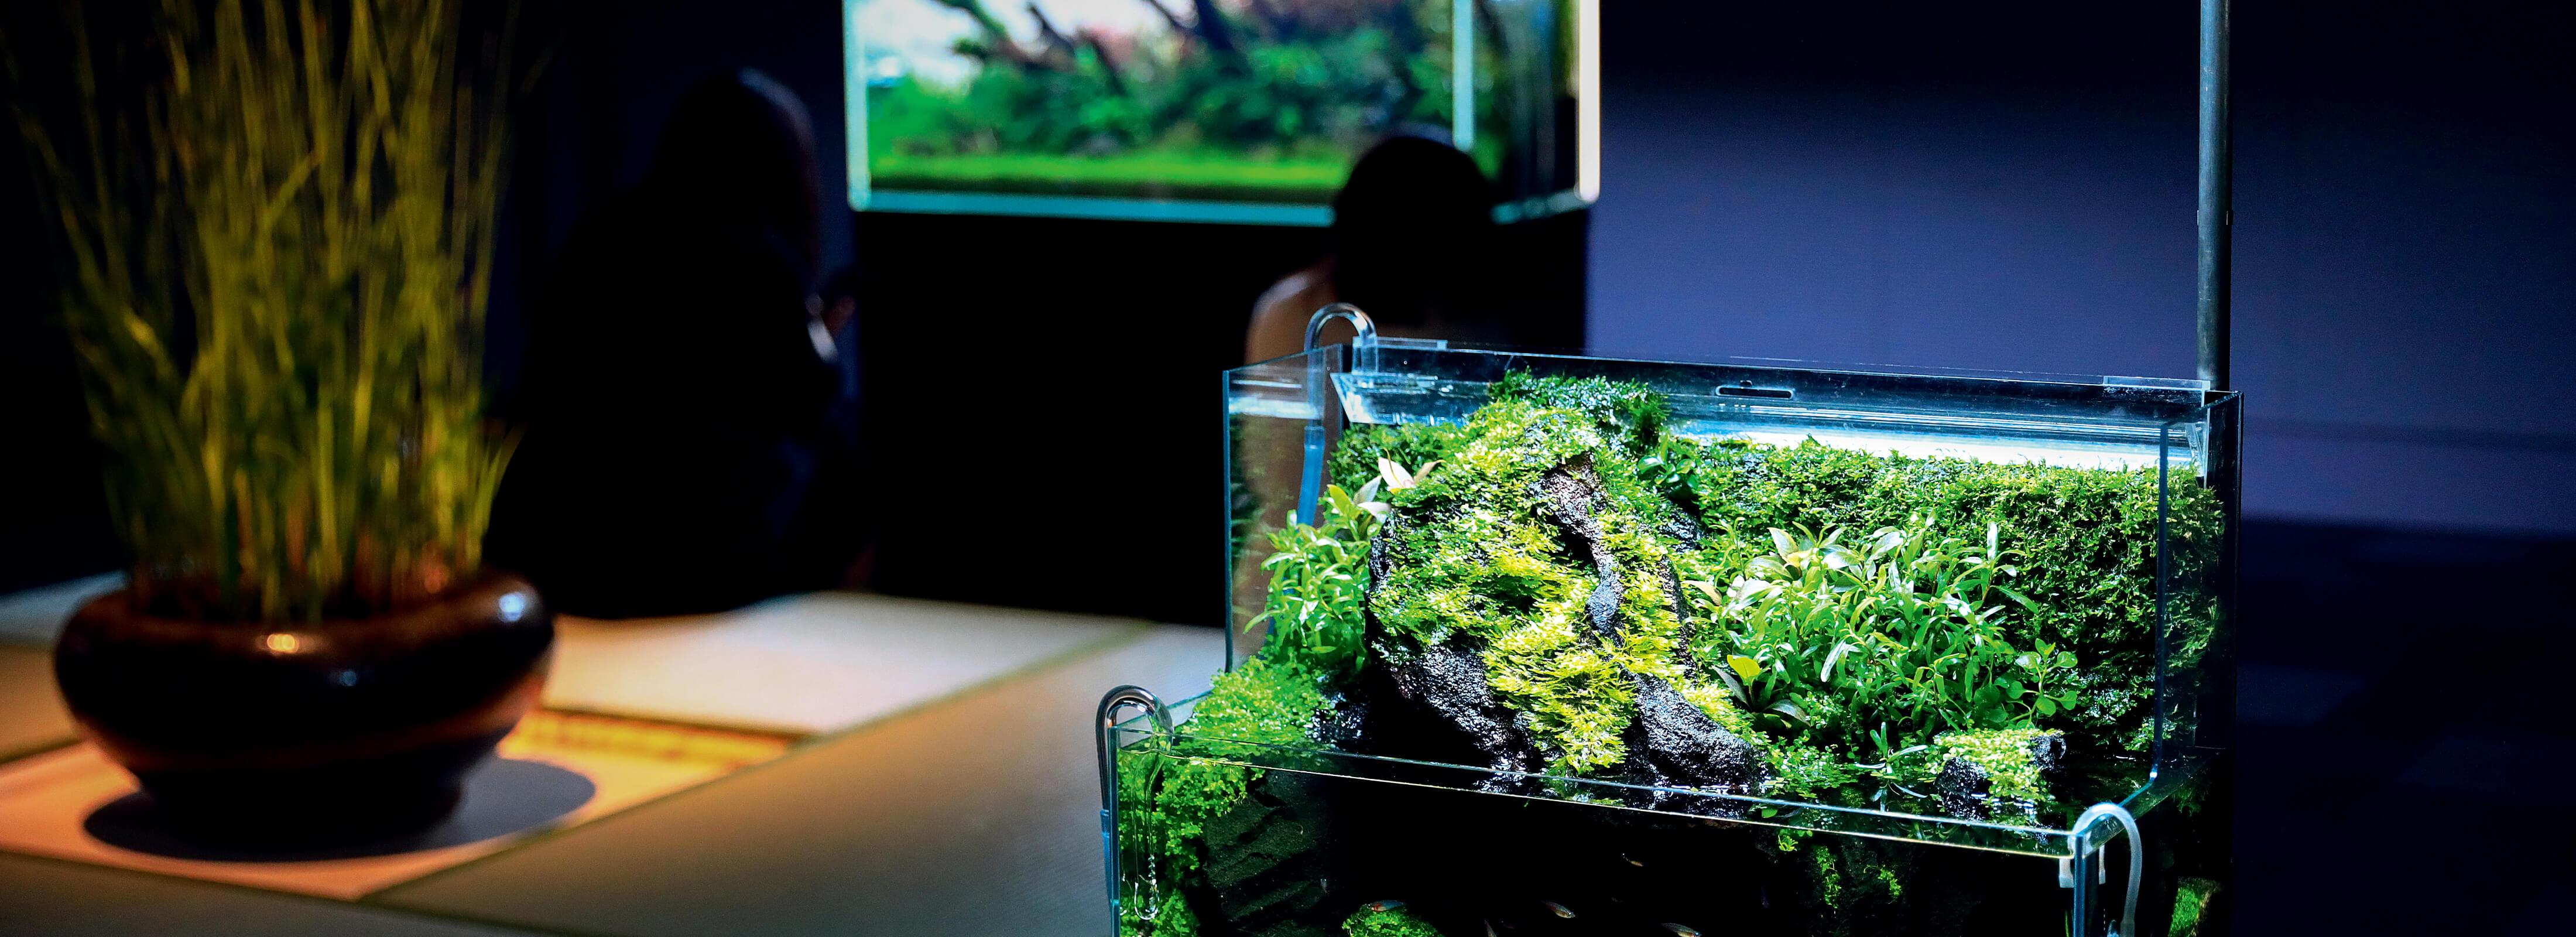 表参道に現れた「和の空間で鑑賞する美しい水草の世界」とは